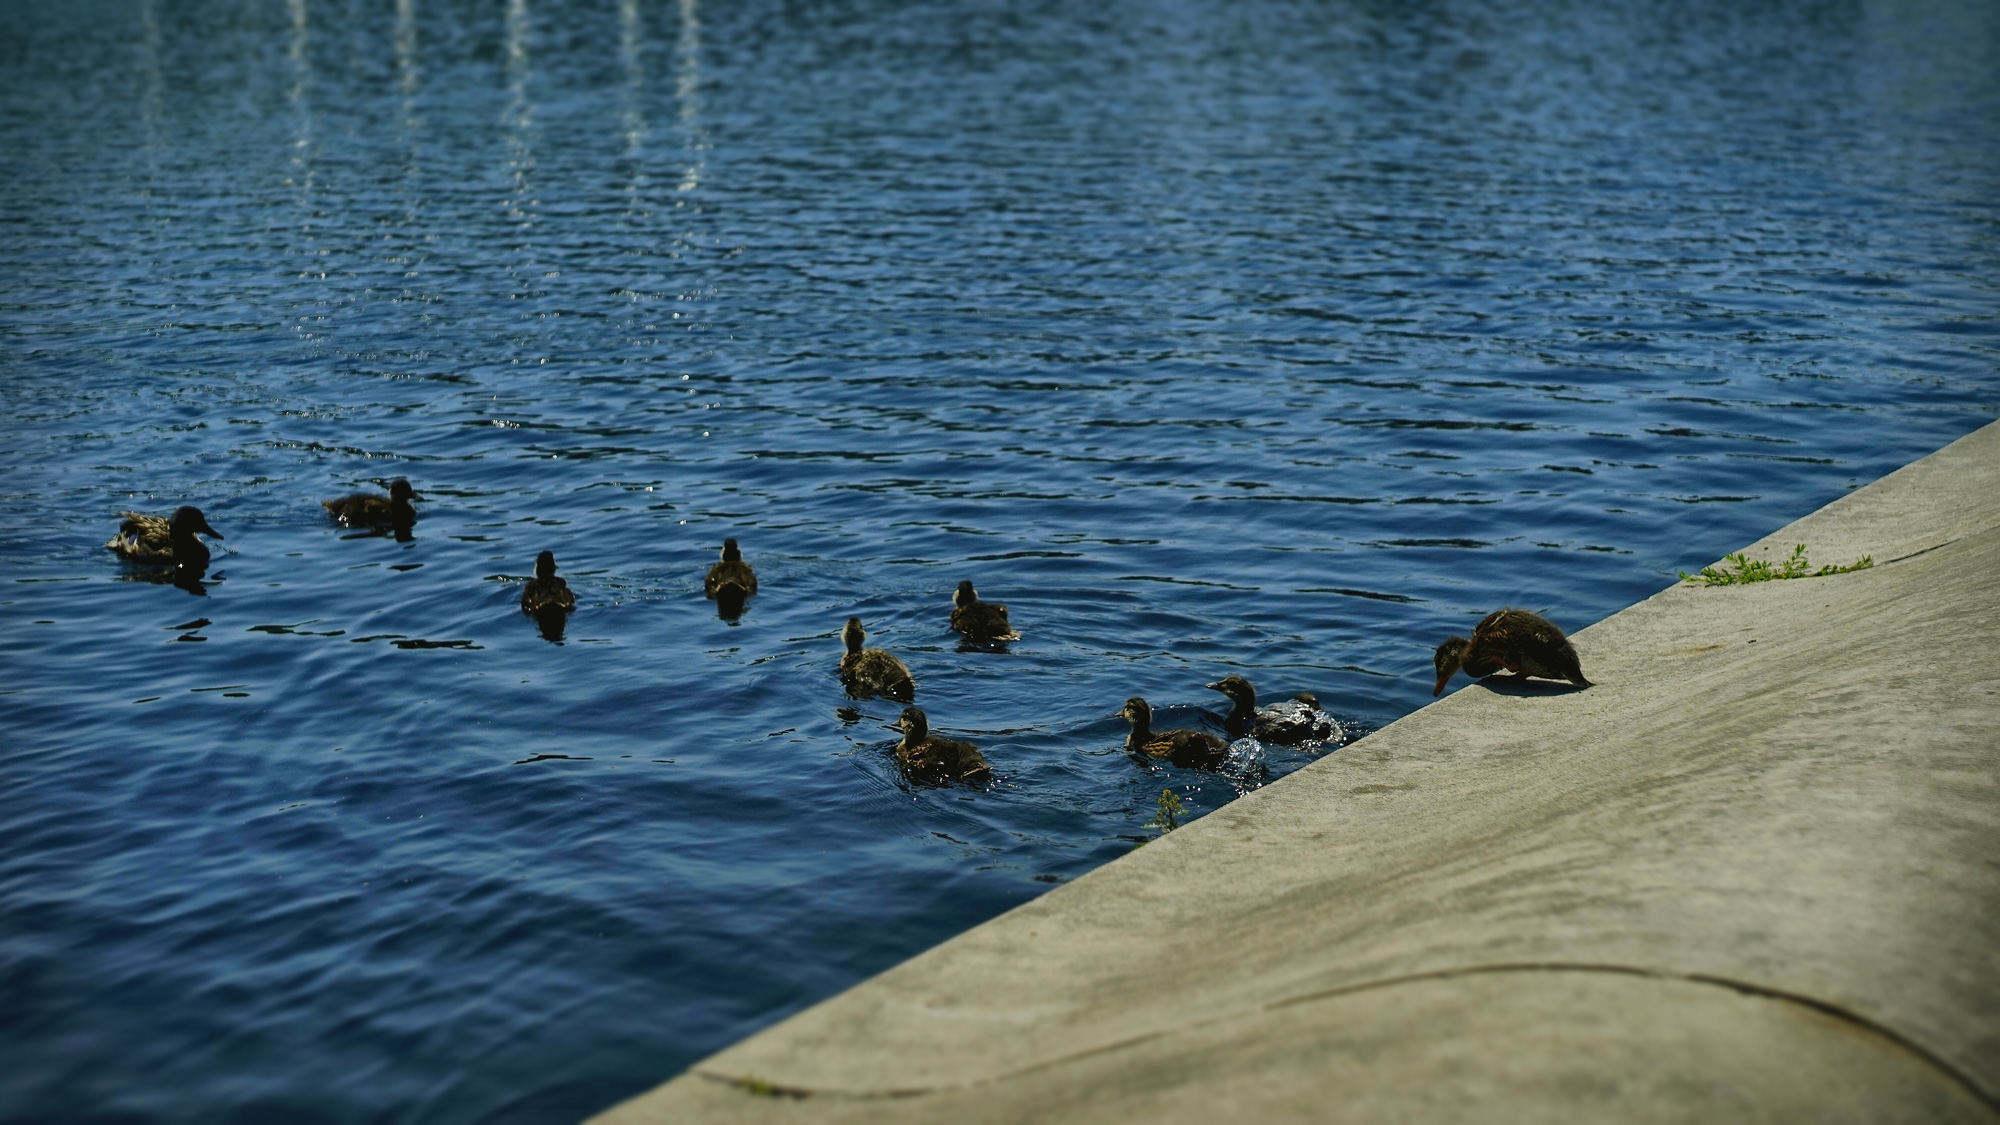 国会前镜湖里的鸭子